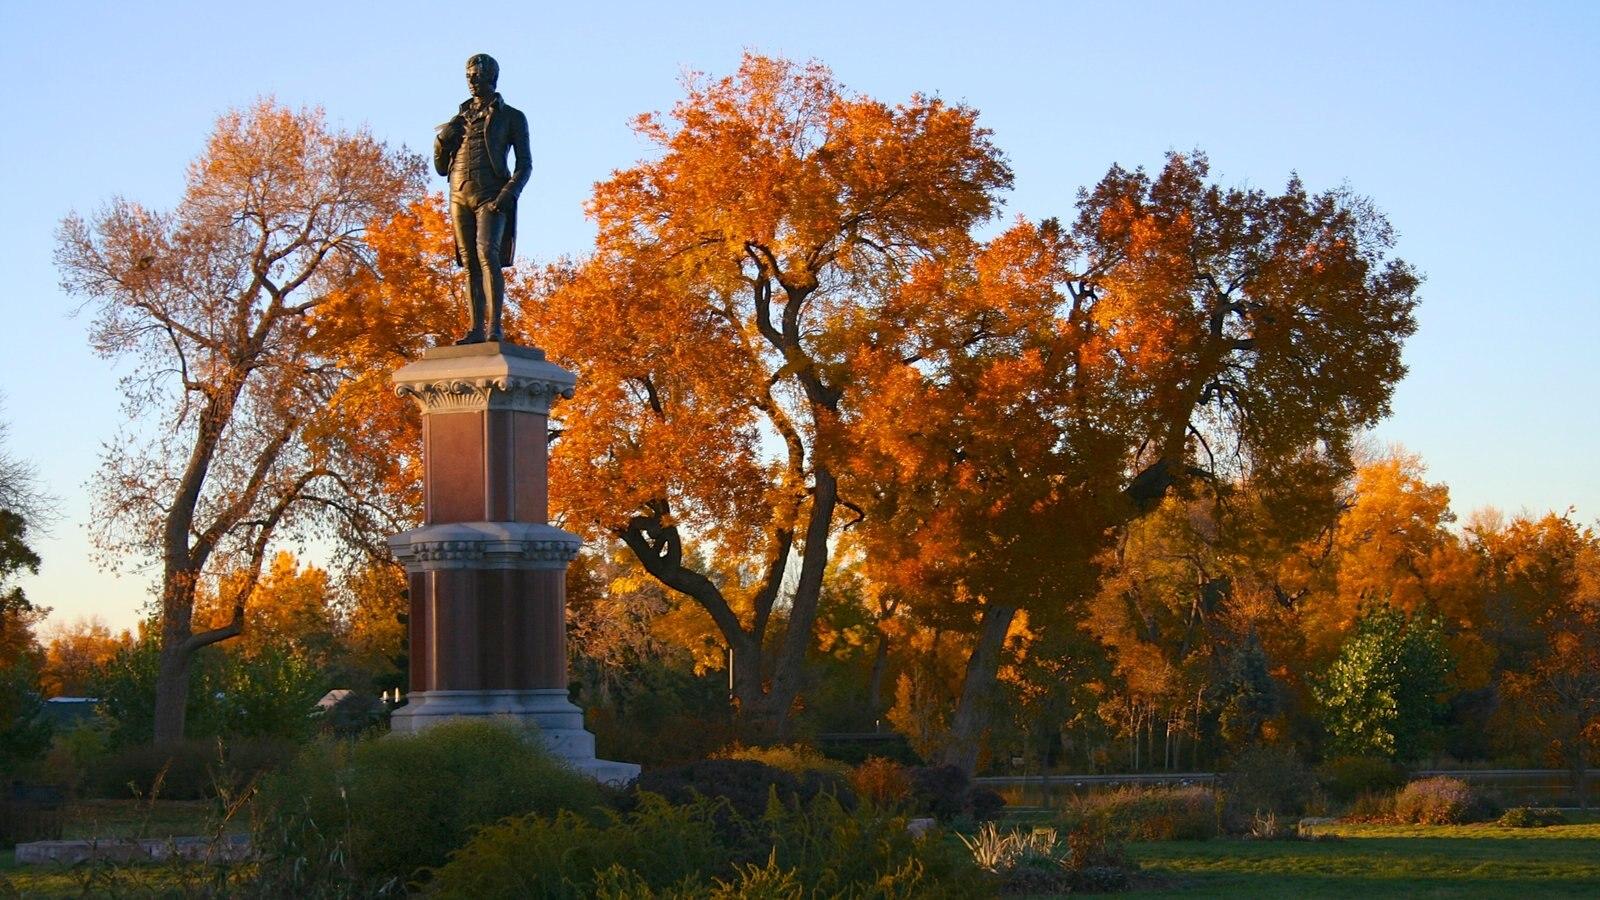 City Park caracterizando um monumento, uma estátua ou escultura e um parque